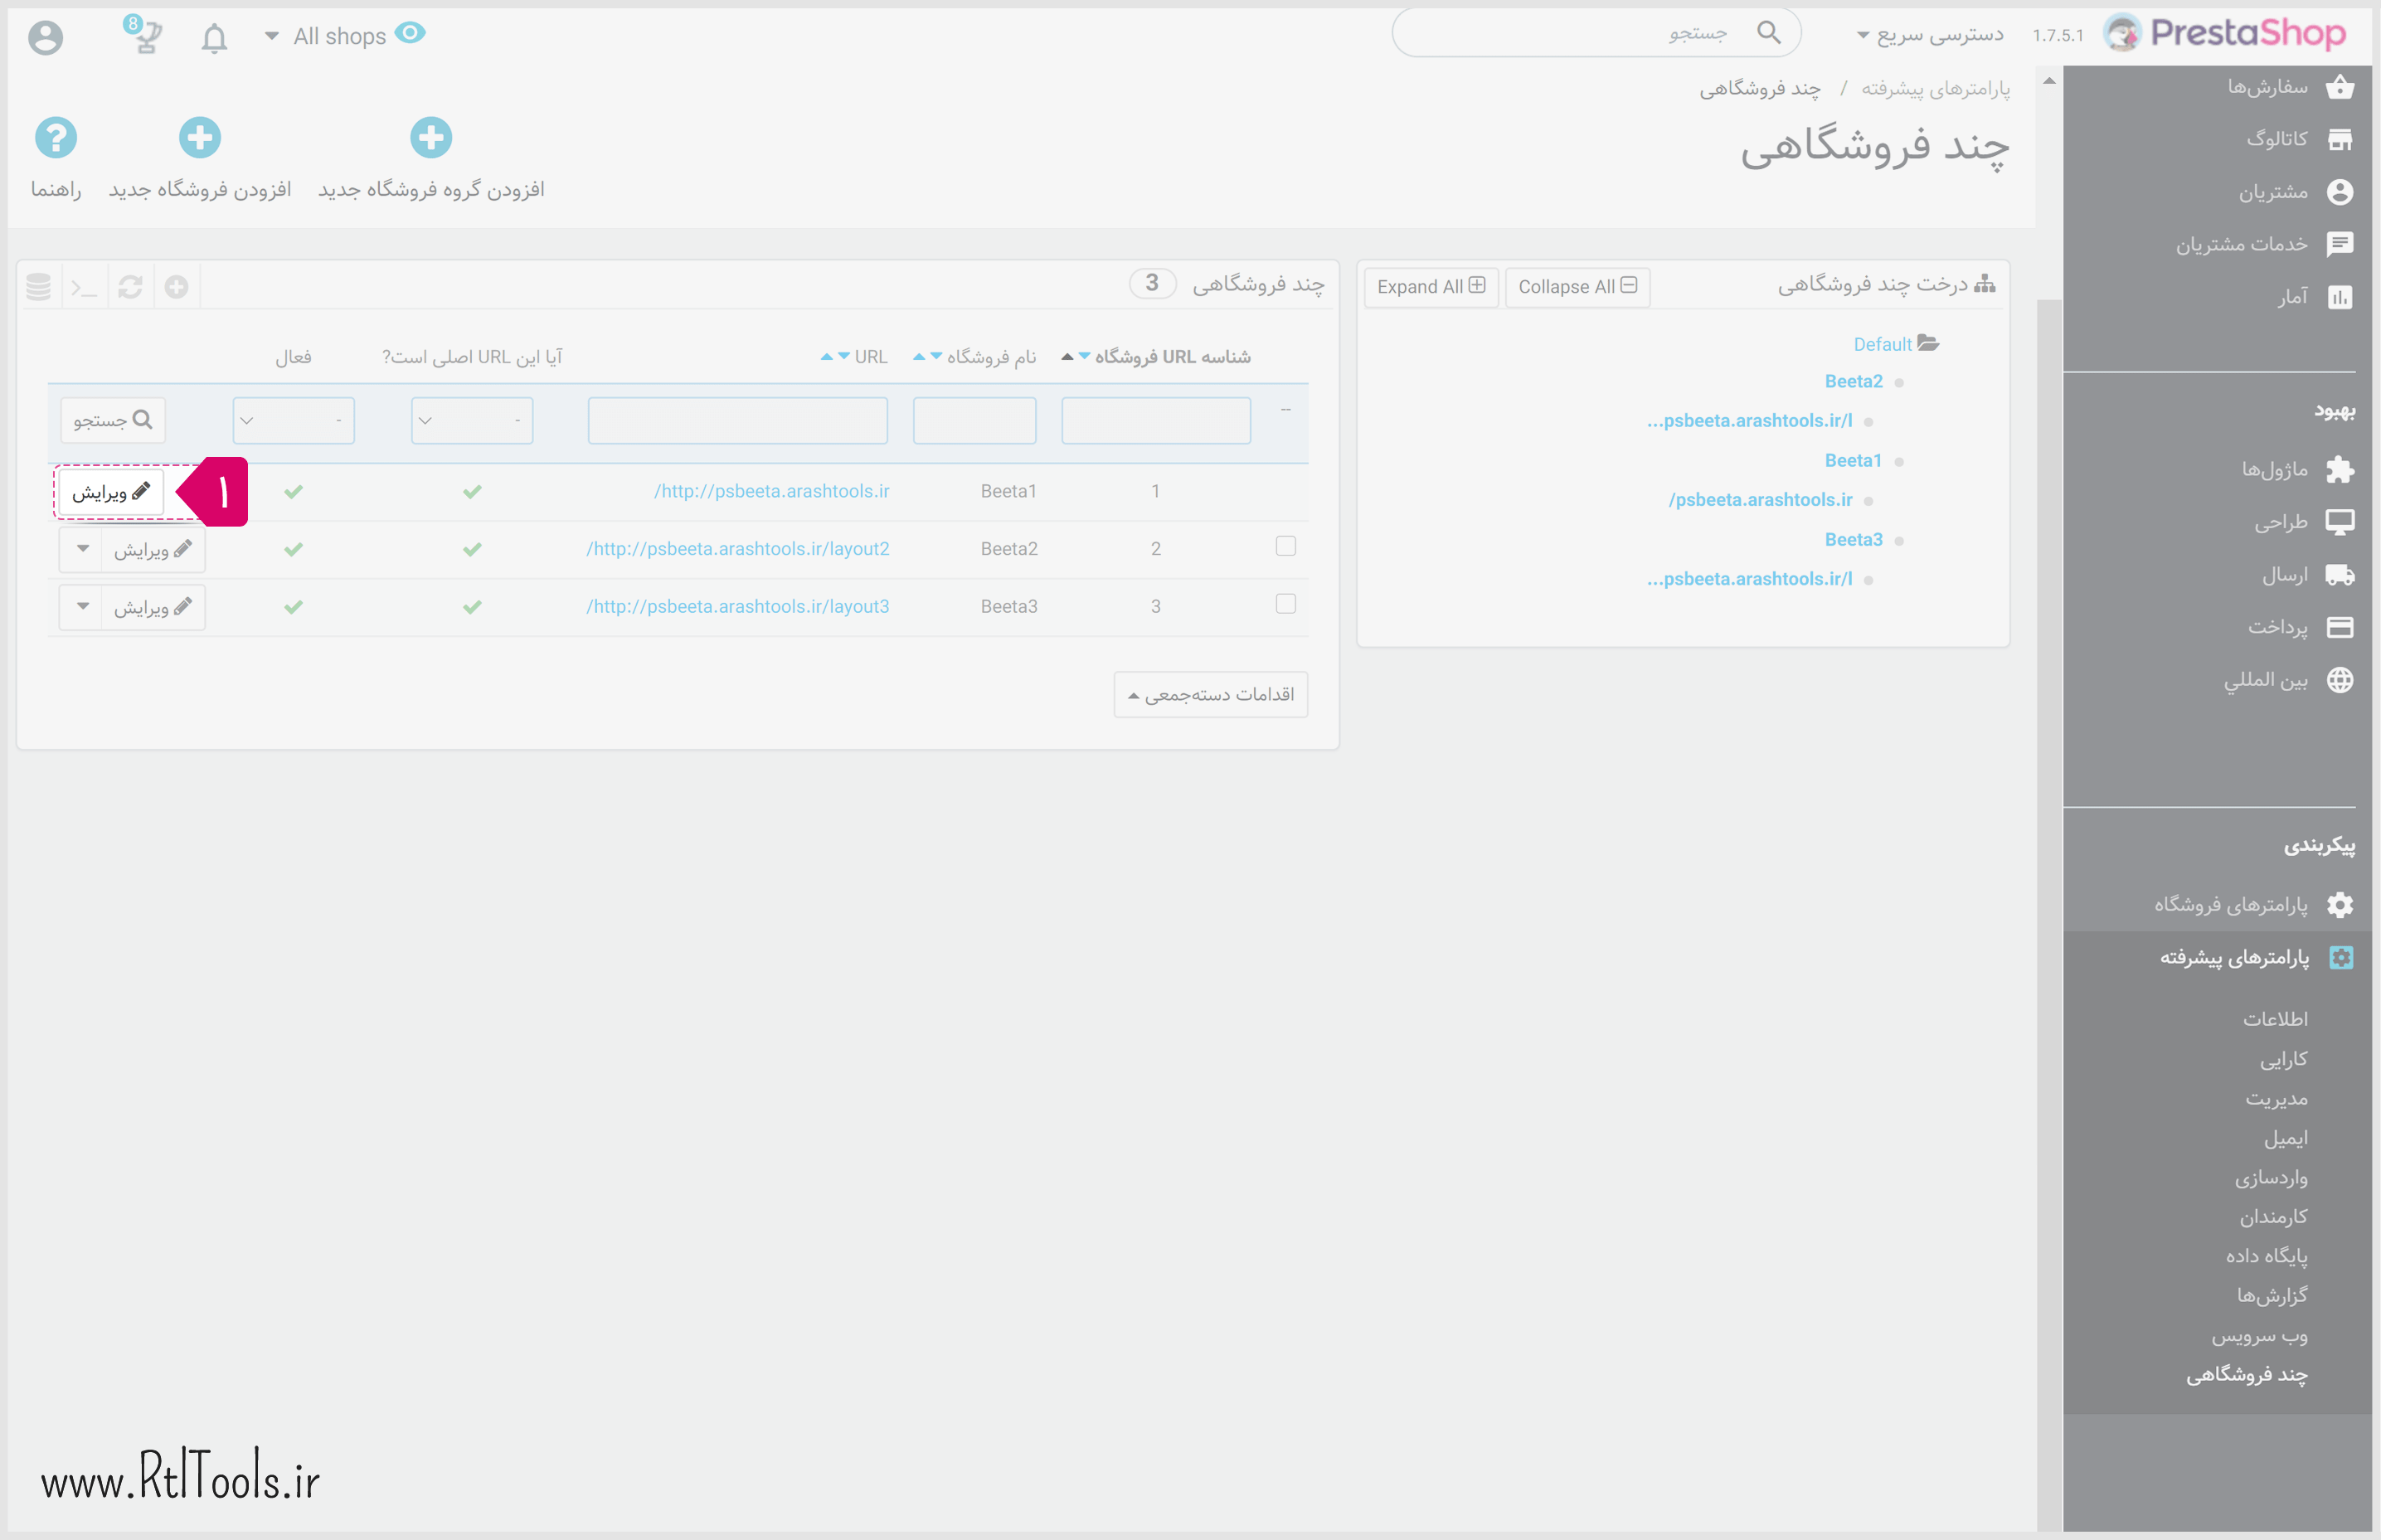 آموزش تنظیم استایل مورد نظر به عنوان استایل پیش فرض در قالب های پرستاشاپ